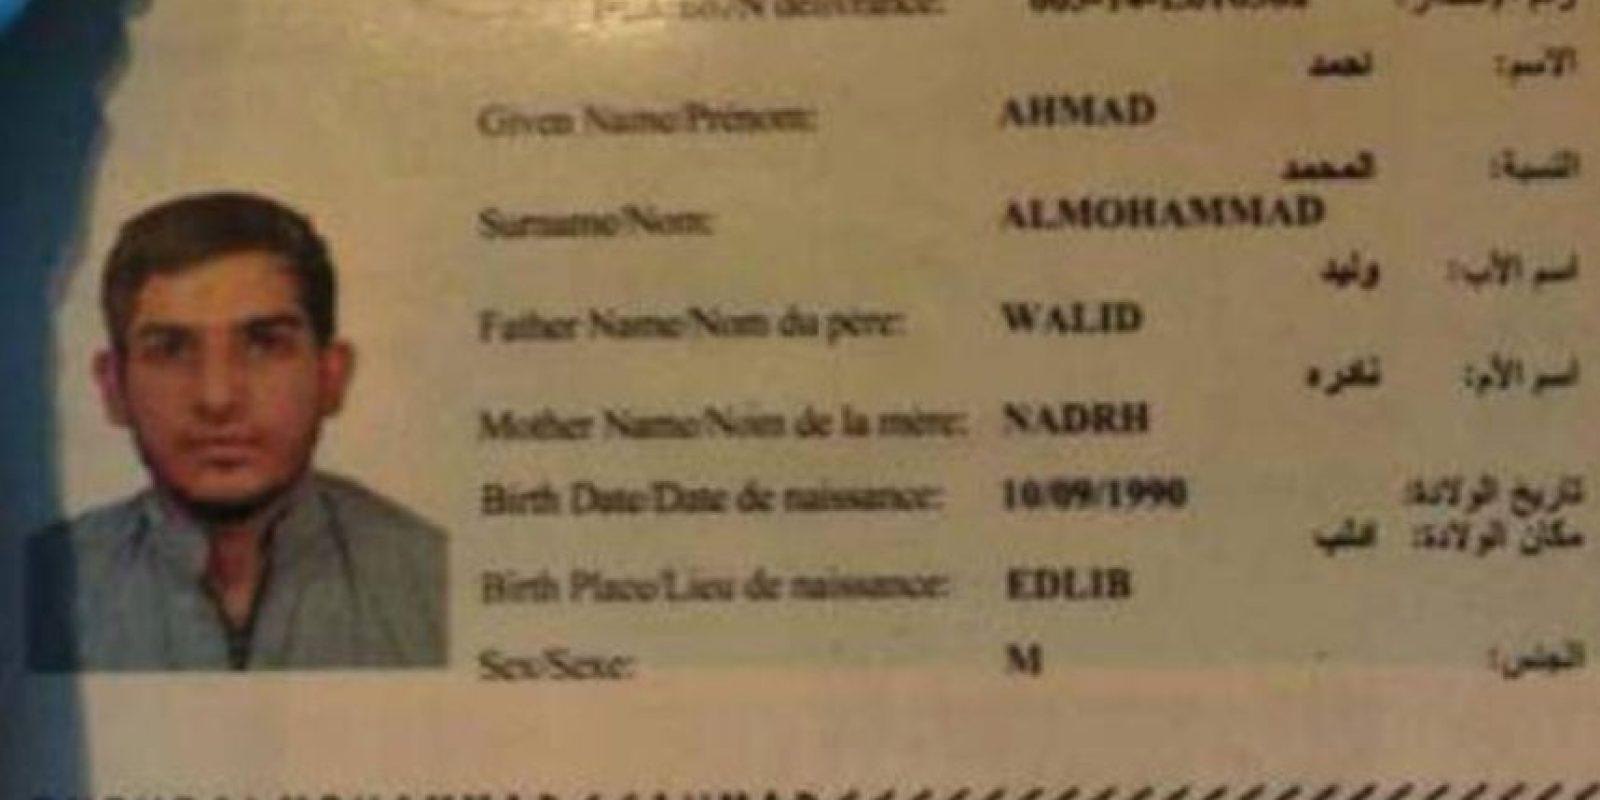 Las autoridades serbias ya detuvieron al presunto dueño del otro pasaporte. Foto:Vía Twitter @EdThomas76